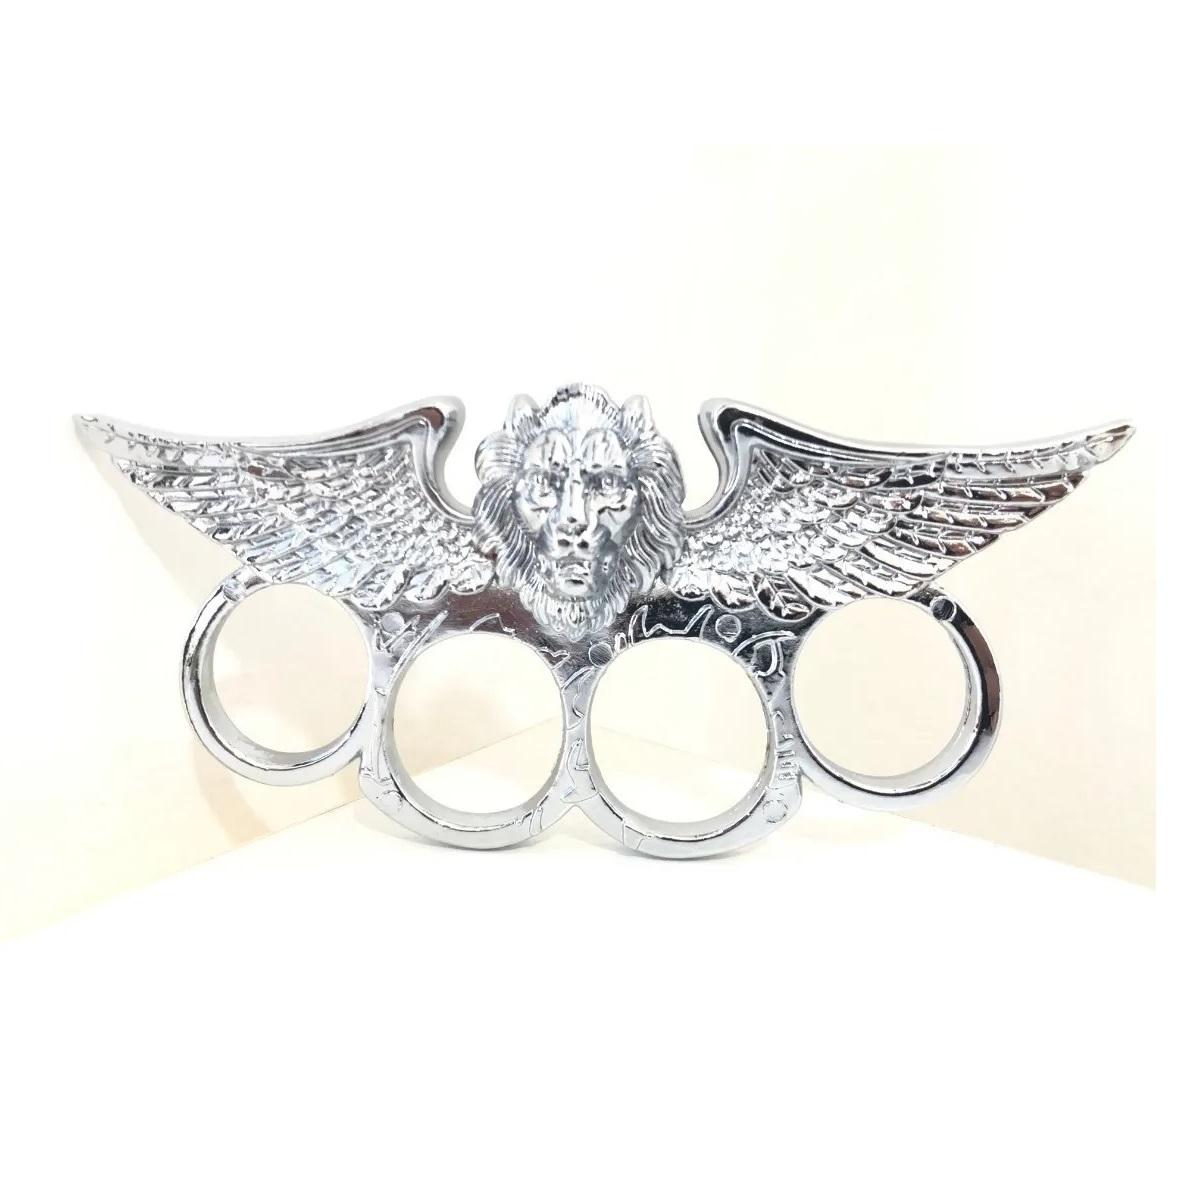 Soco ingles Leão Cromado -SLK-C09